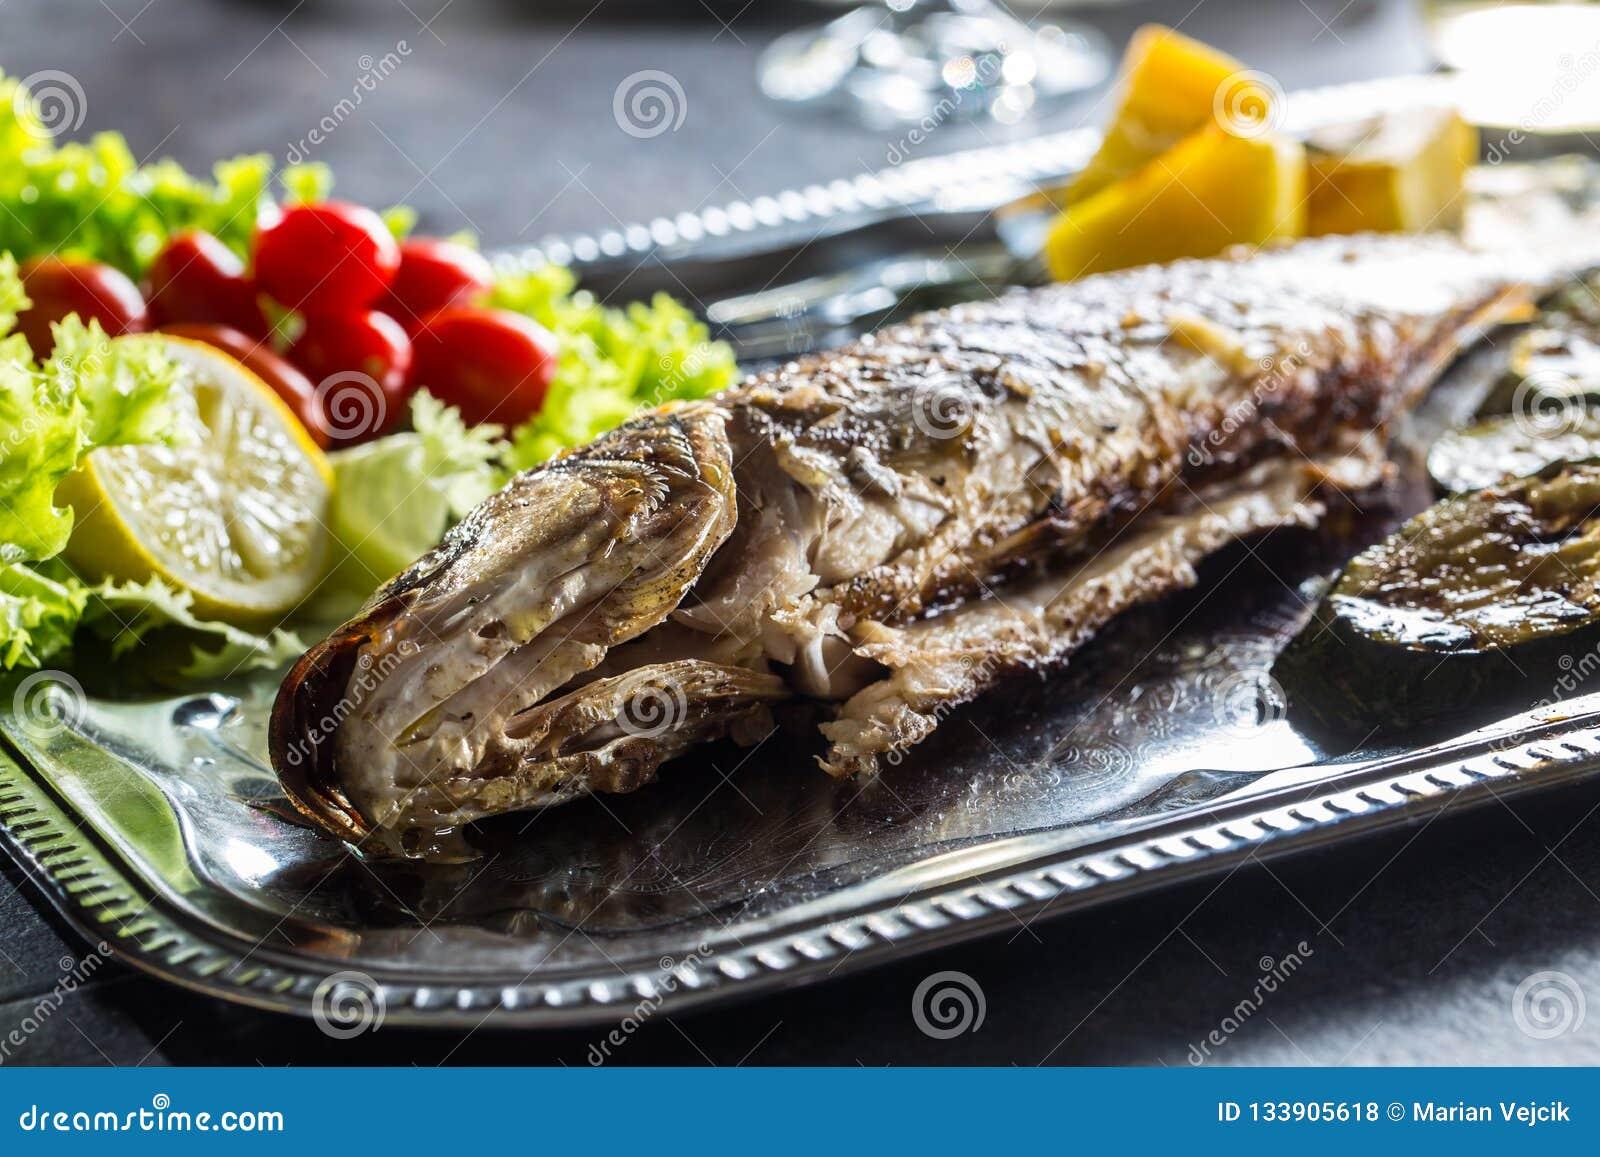 Pesce arrostito sul piatto con la verdura fresca e arrostita